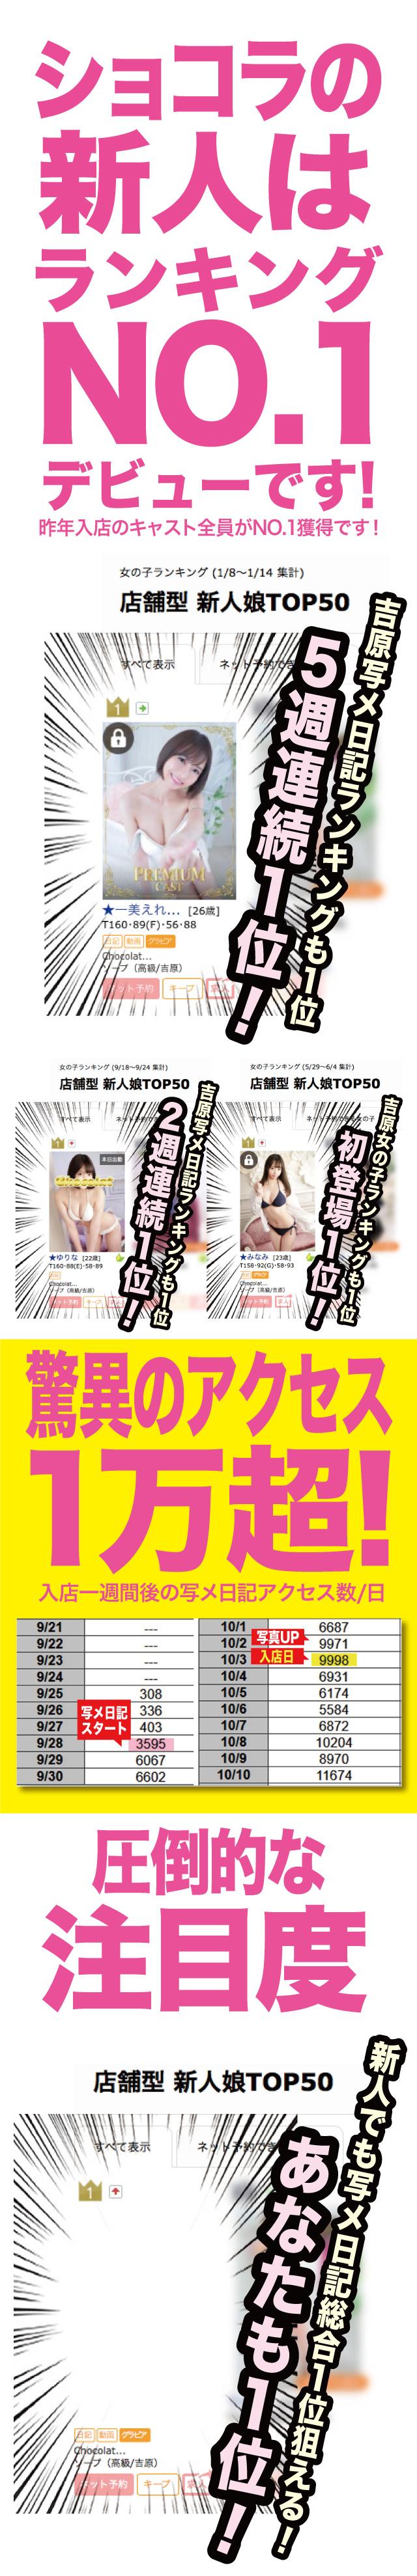 20歳のショコラデビューは新人ランキングNO.1!